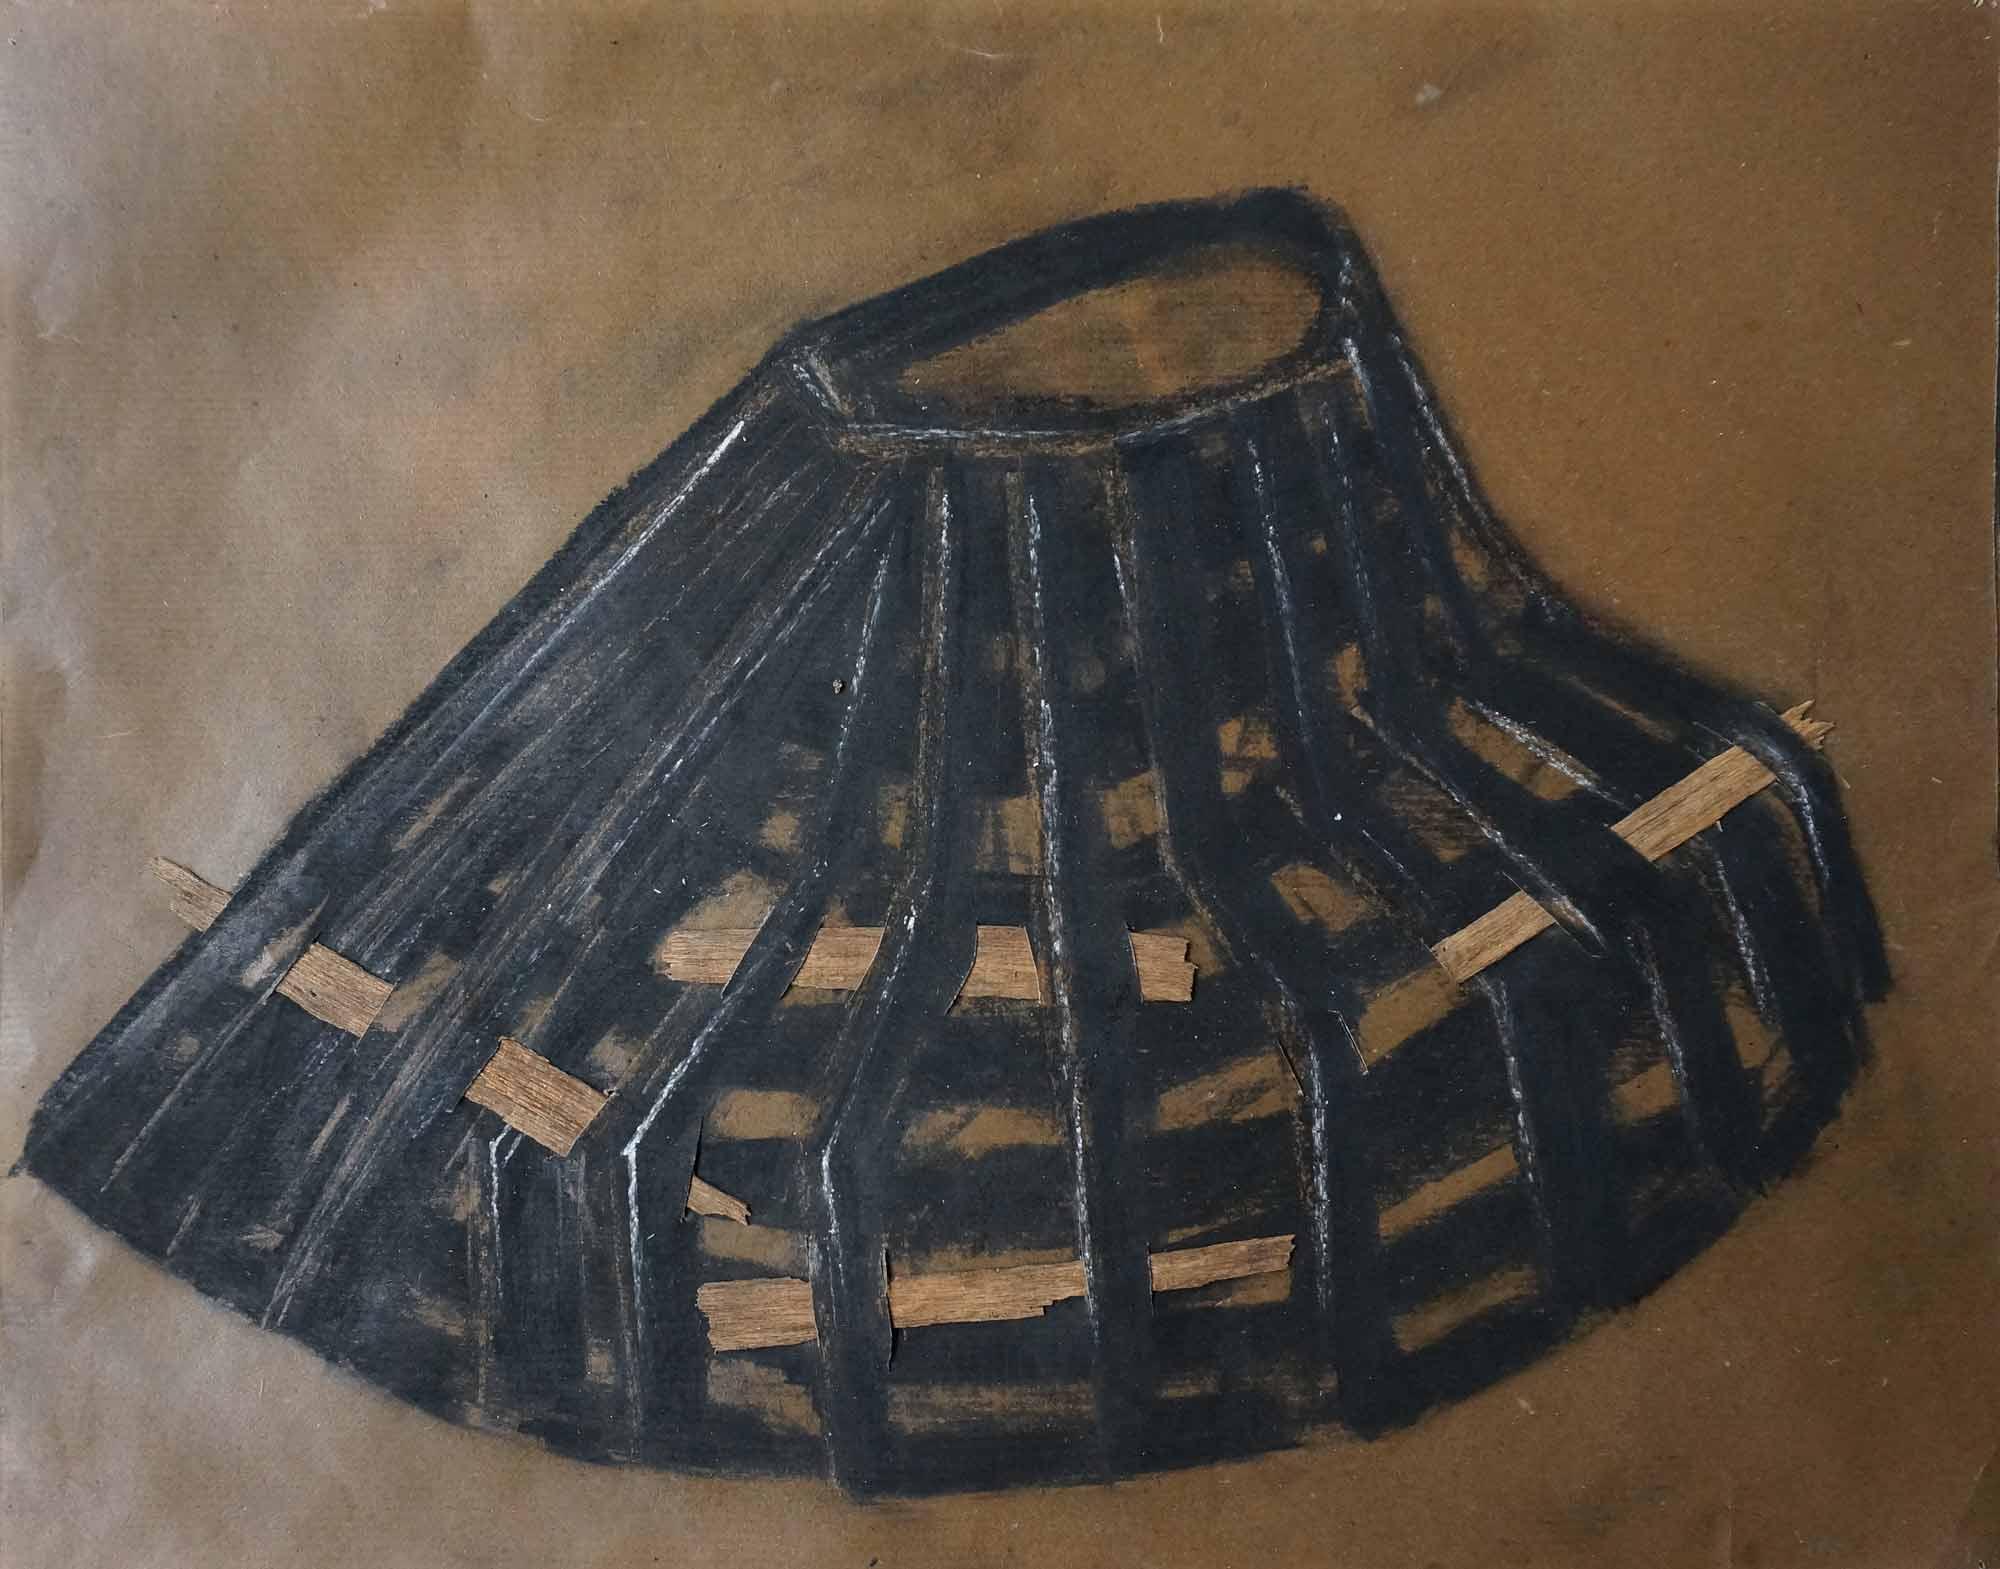 Central colline - 2014 – Pigment, gomme laque, bois, papier paraffinée. 50 x 40 cm. Denis Falgoux